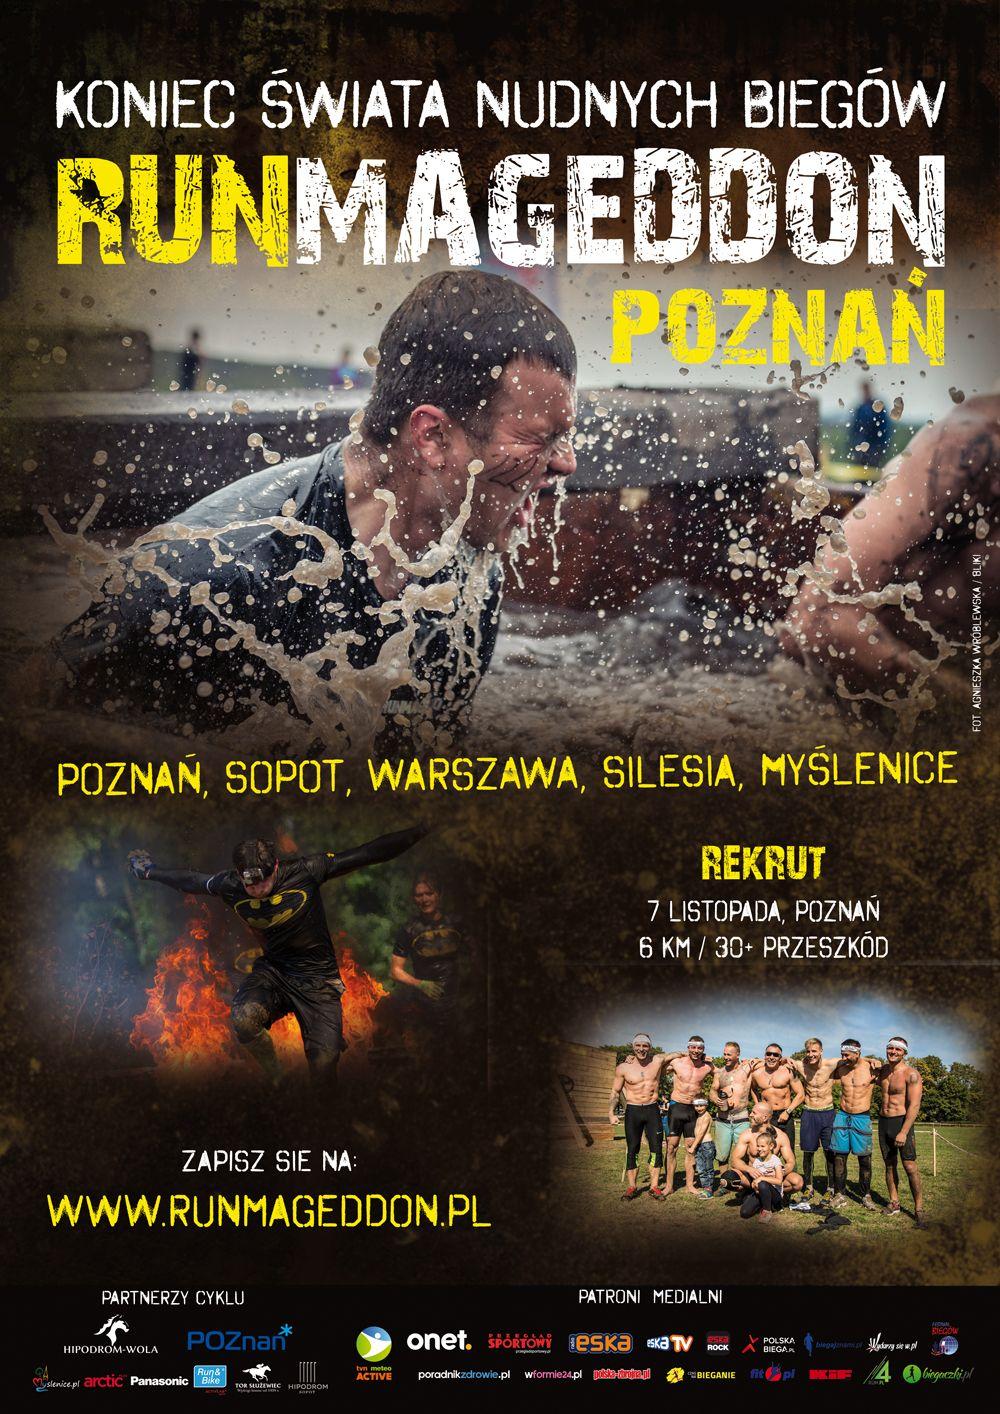 Runmageddon Hipodrom Wola Centrum Wyszkolenia Jezdzieckiego Mud Race Centrum Obstacle Race